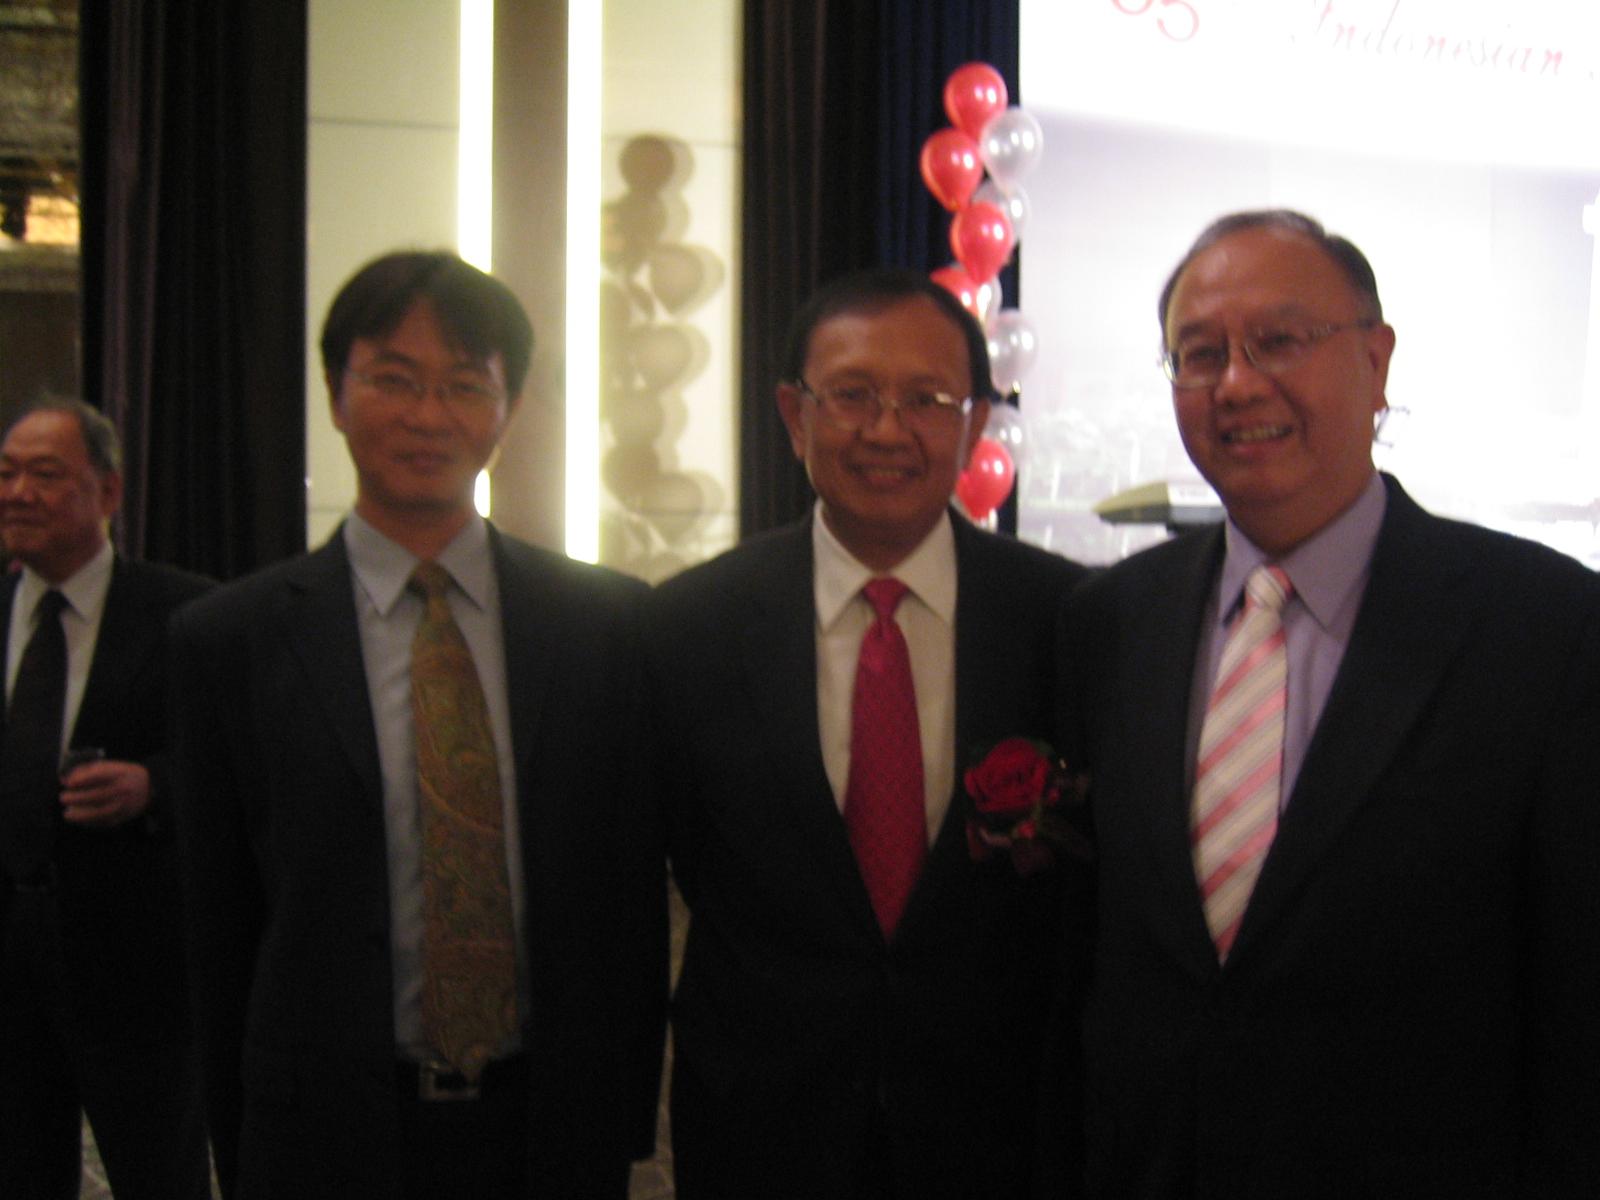 為印尼高等教育展暖身 程校長參加印尼國慶晚宴